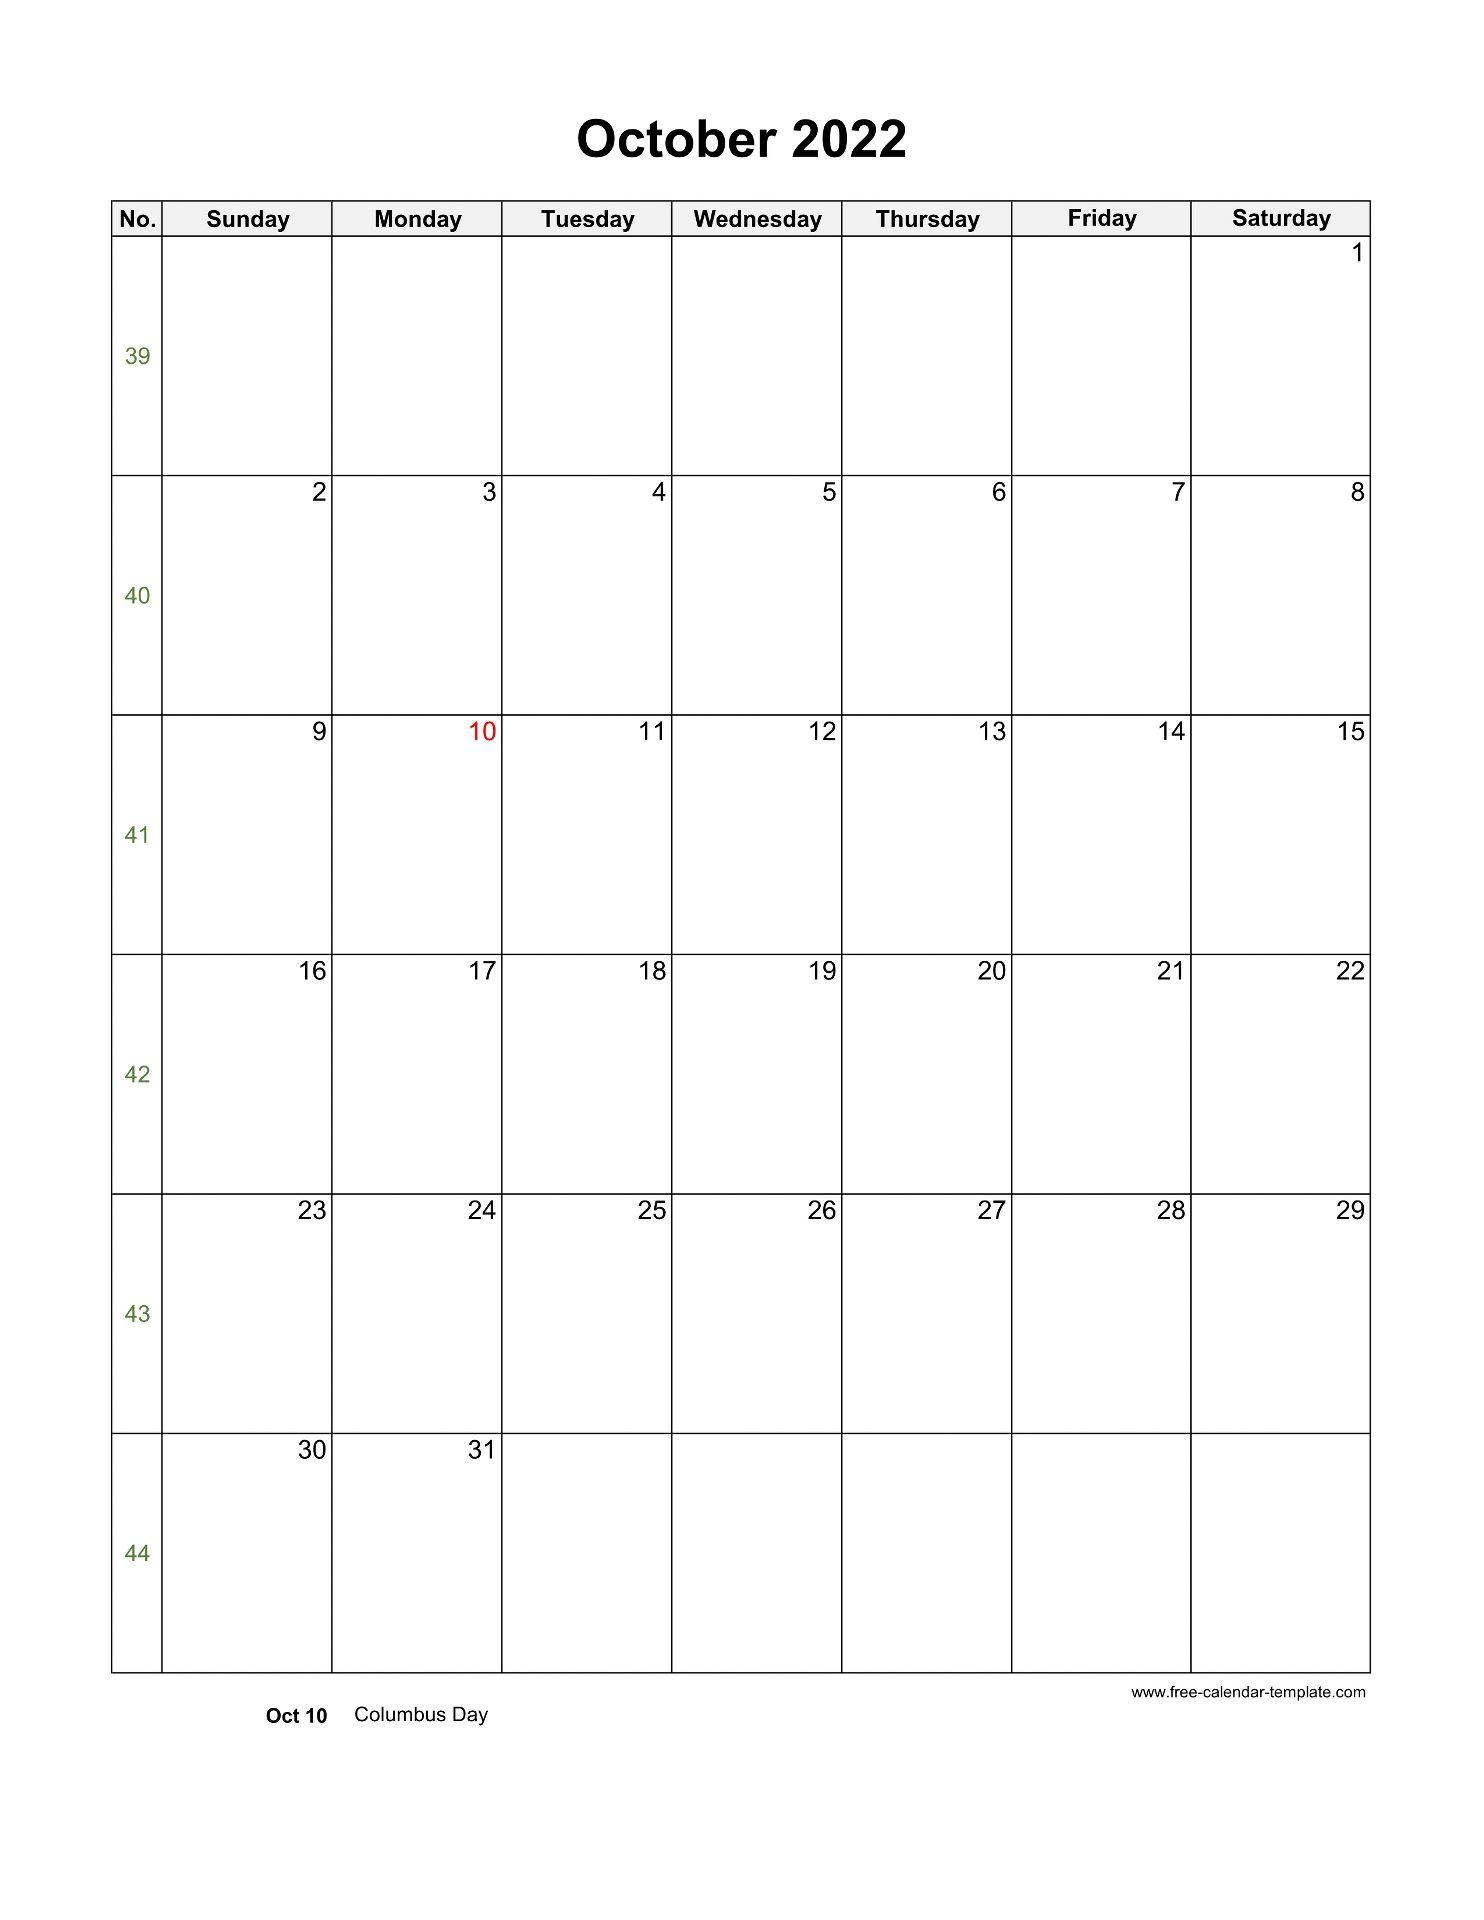 2022 October Calendar (Blank Vertical Template)   Free ...